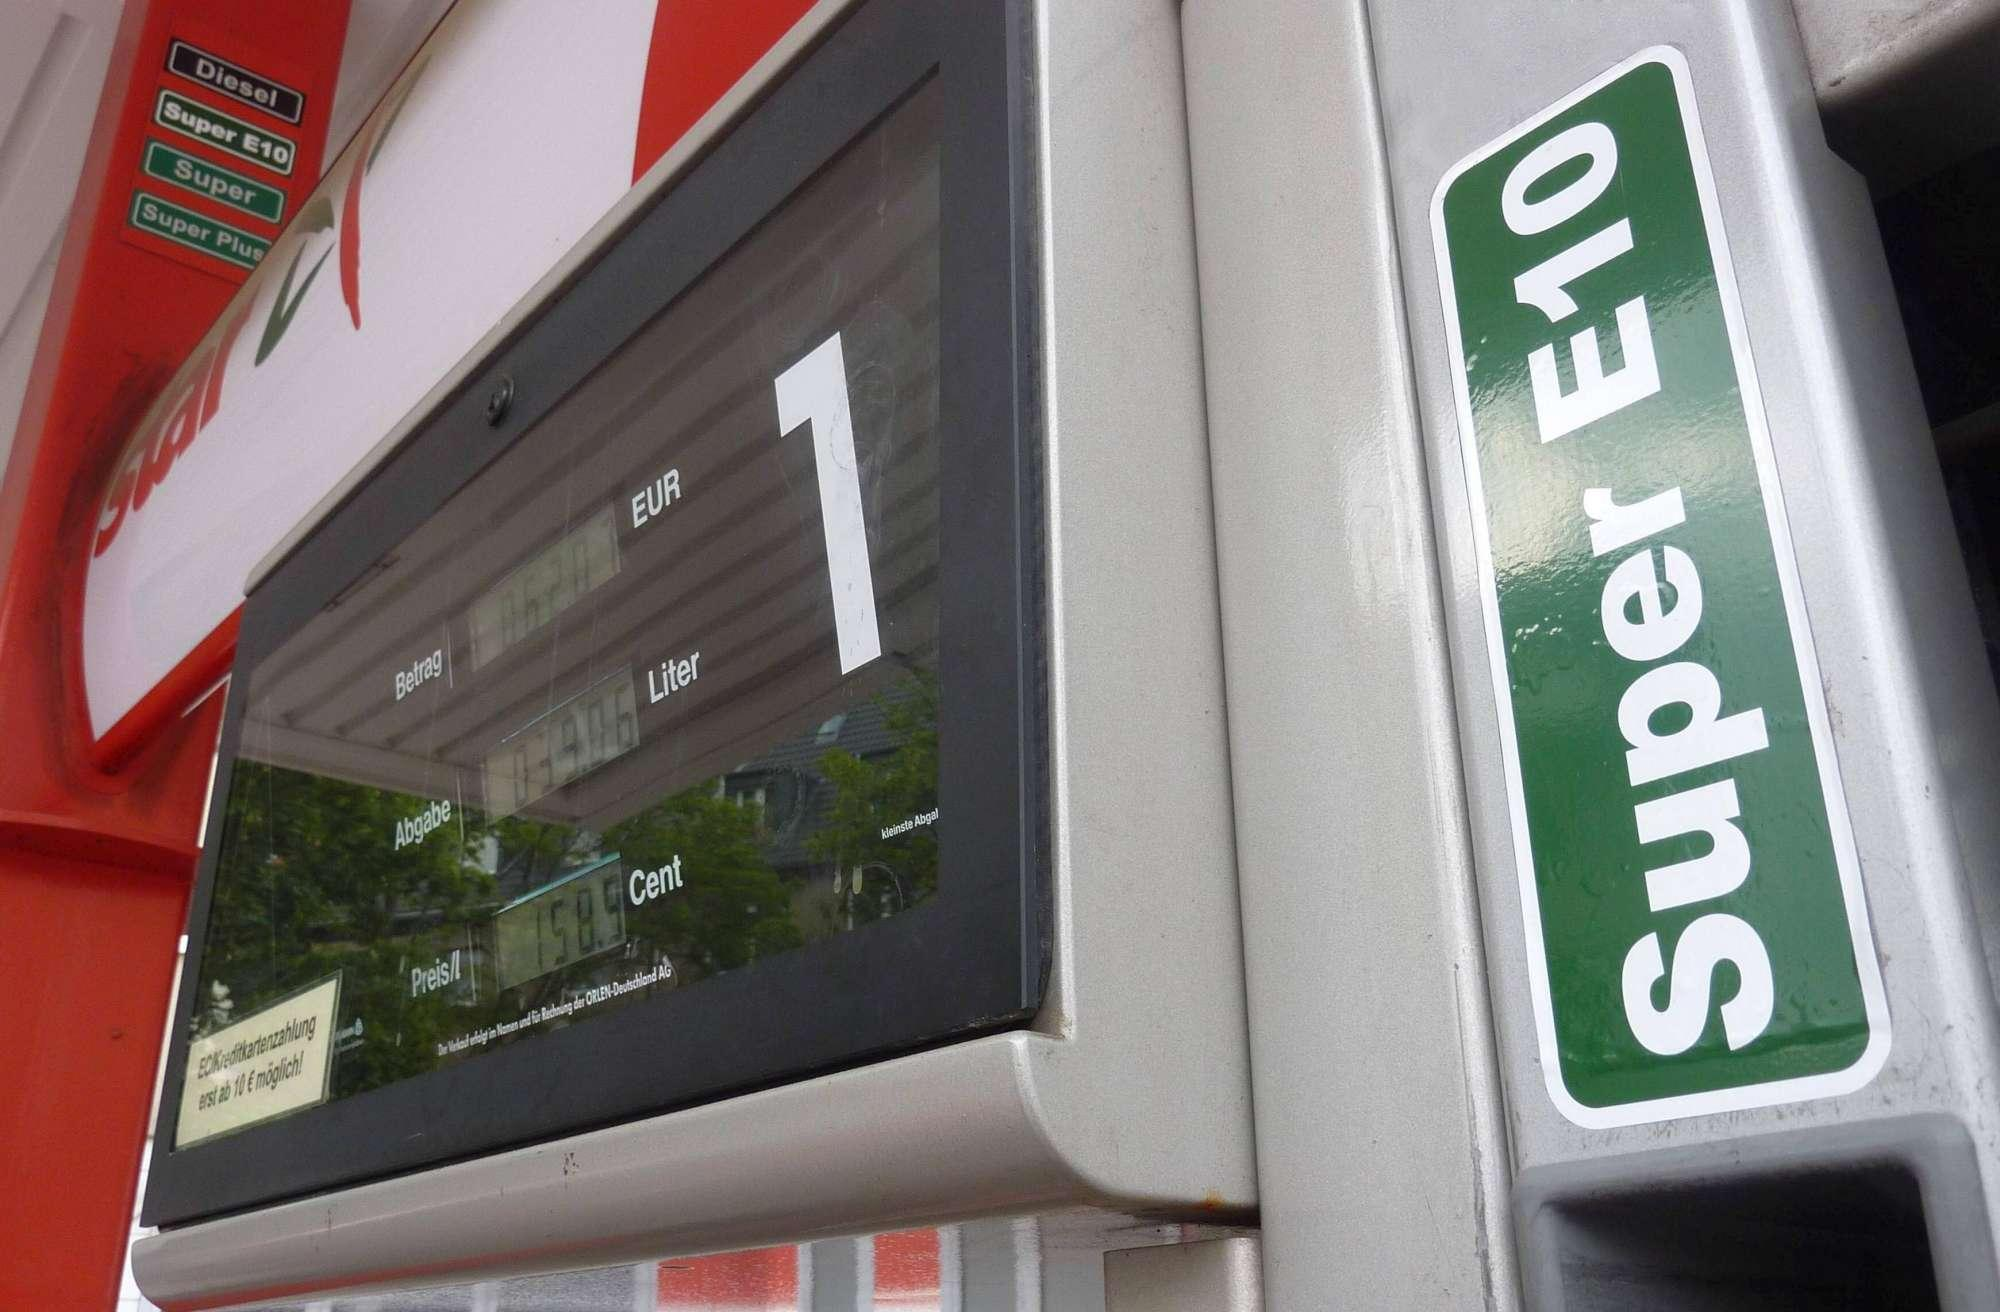 Carburanti, ecco i nuovi nomi: E5 per la benzina e B10 per il gasolio